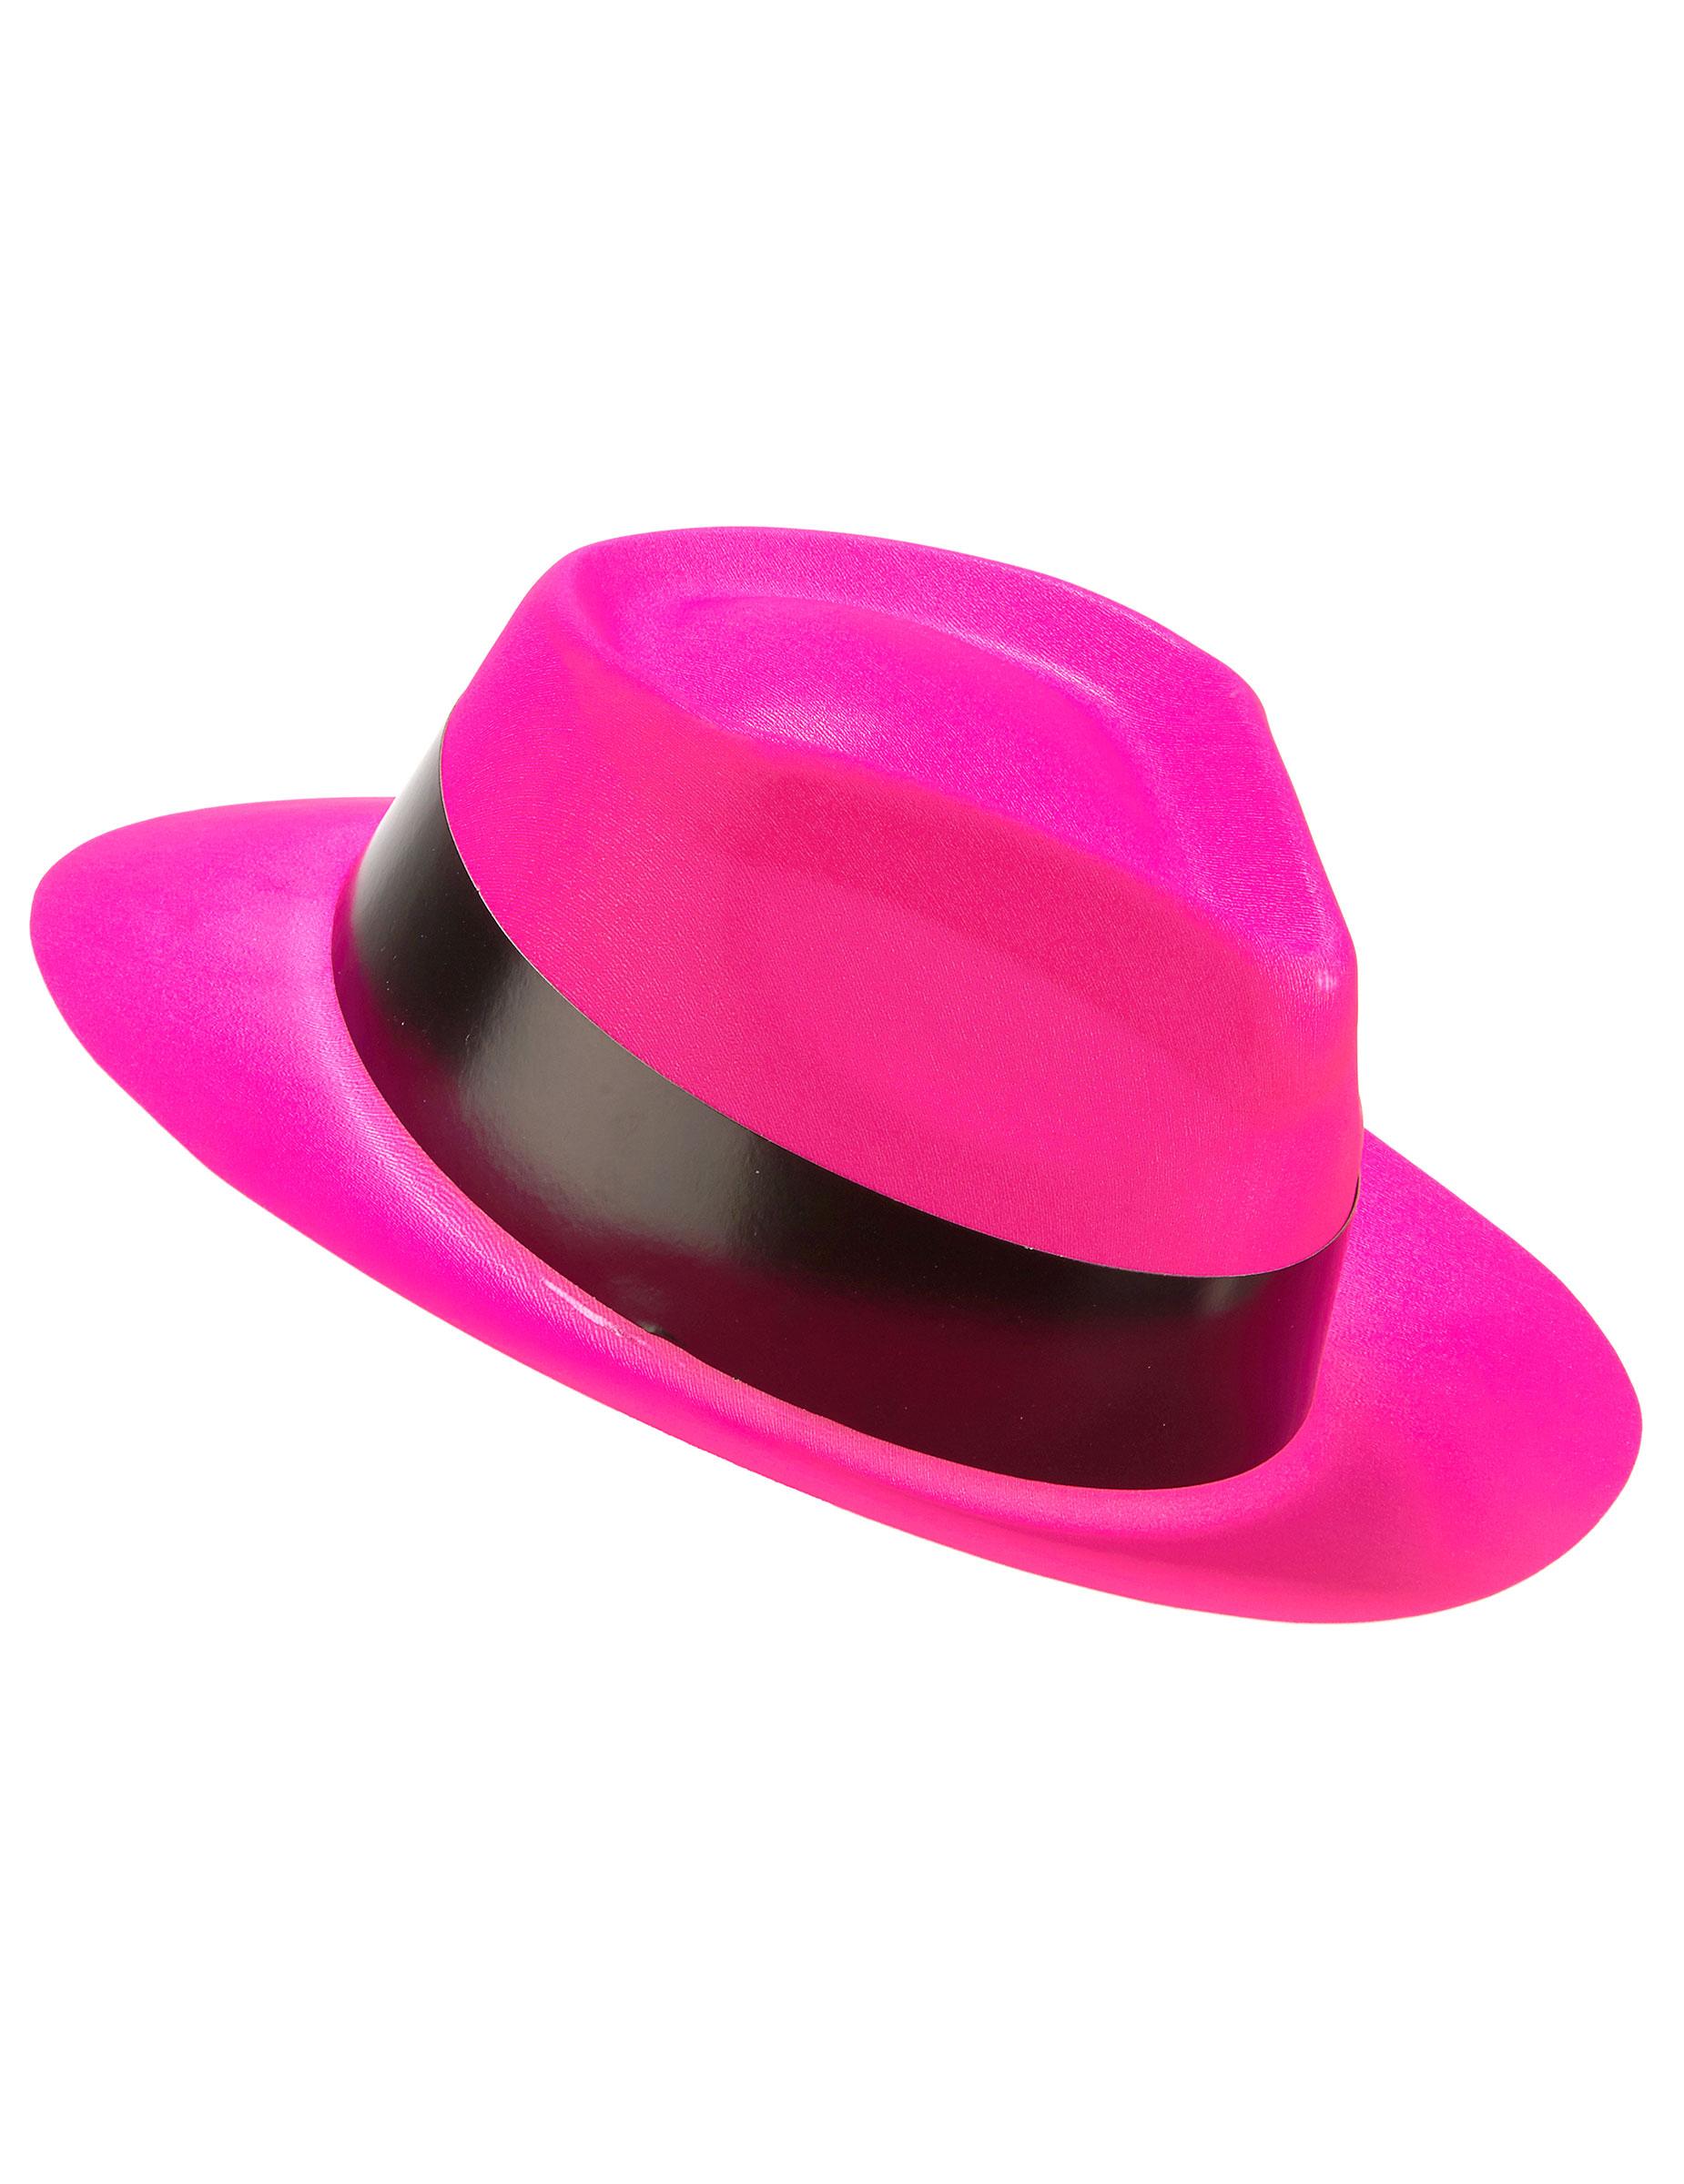 26d0e19b84941 Chapéu de festa e chapéus de fantasias para adultos e crianças ...